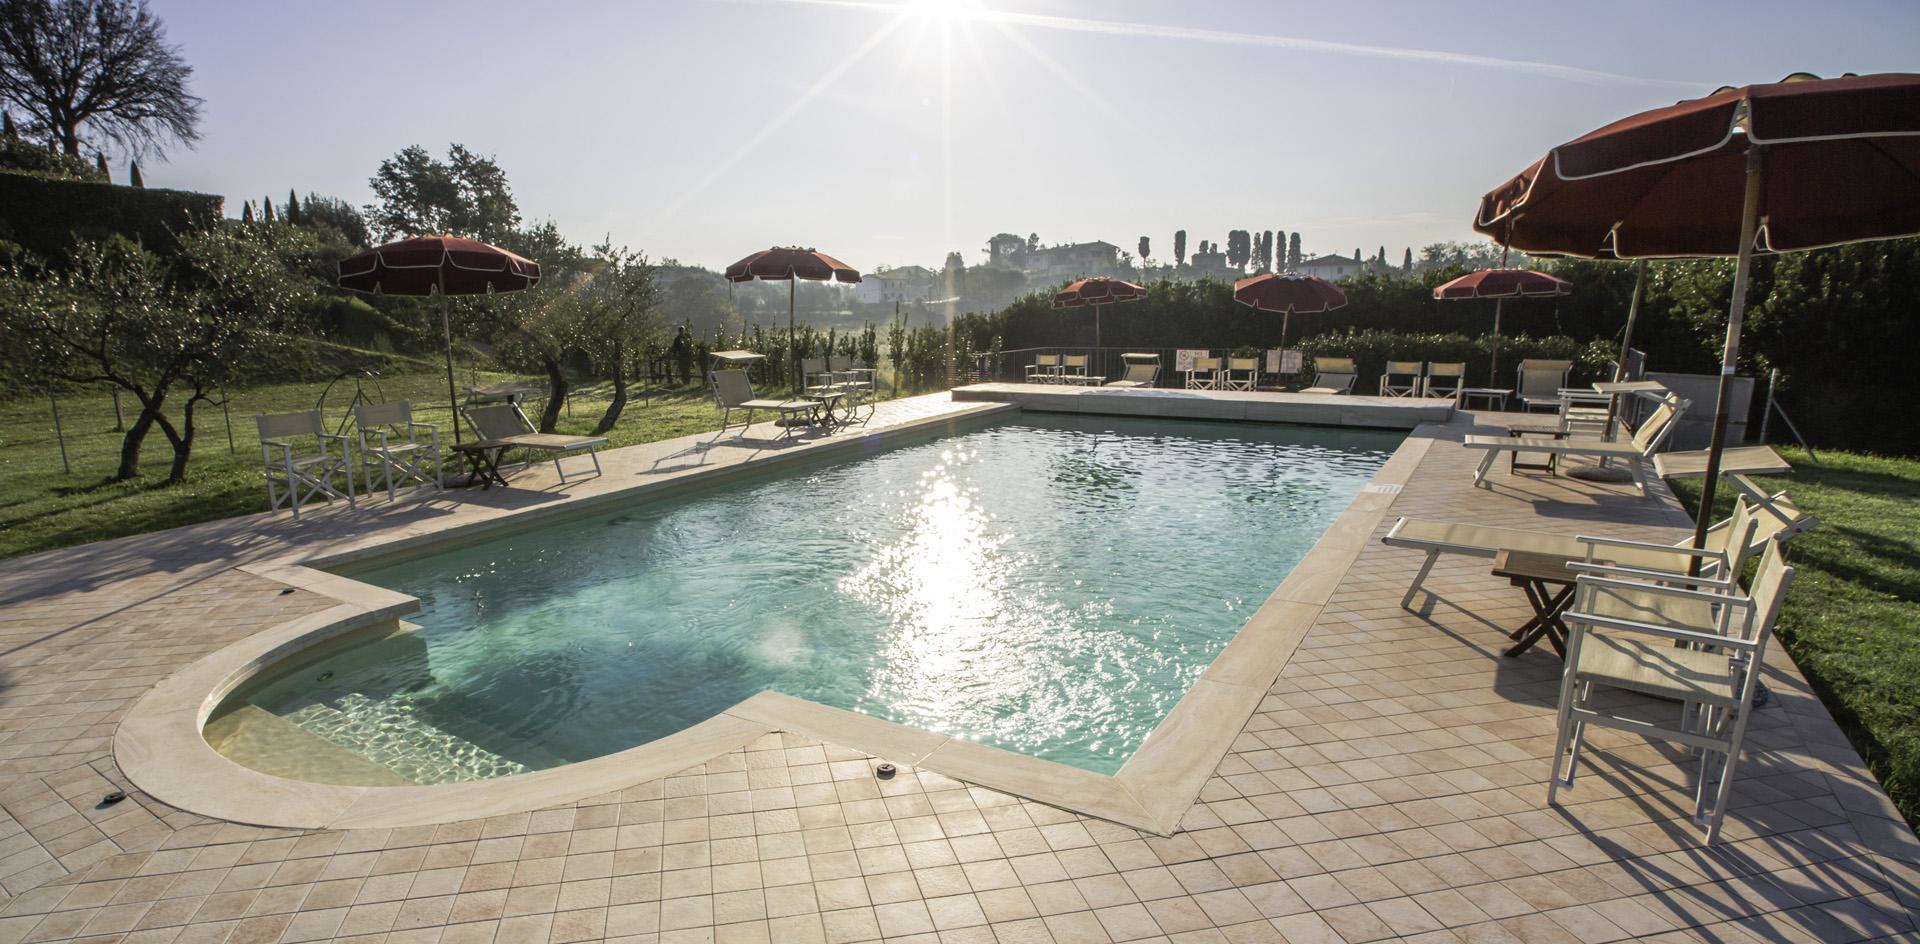 Maisons De Vacances Avec Piscine Pour Familles En Toscane encequiconcerne Piscine Auch